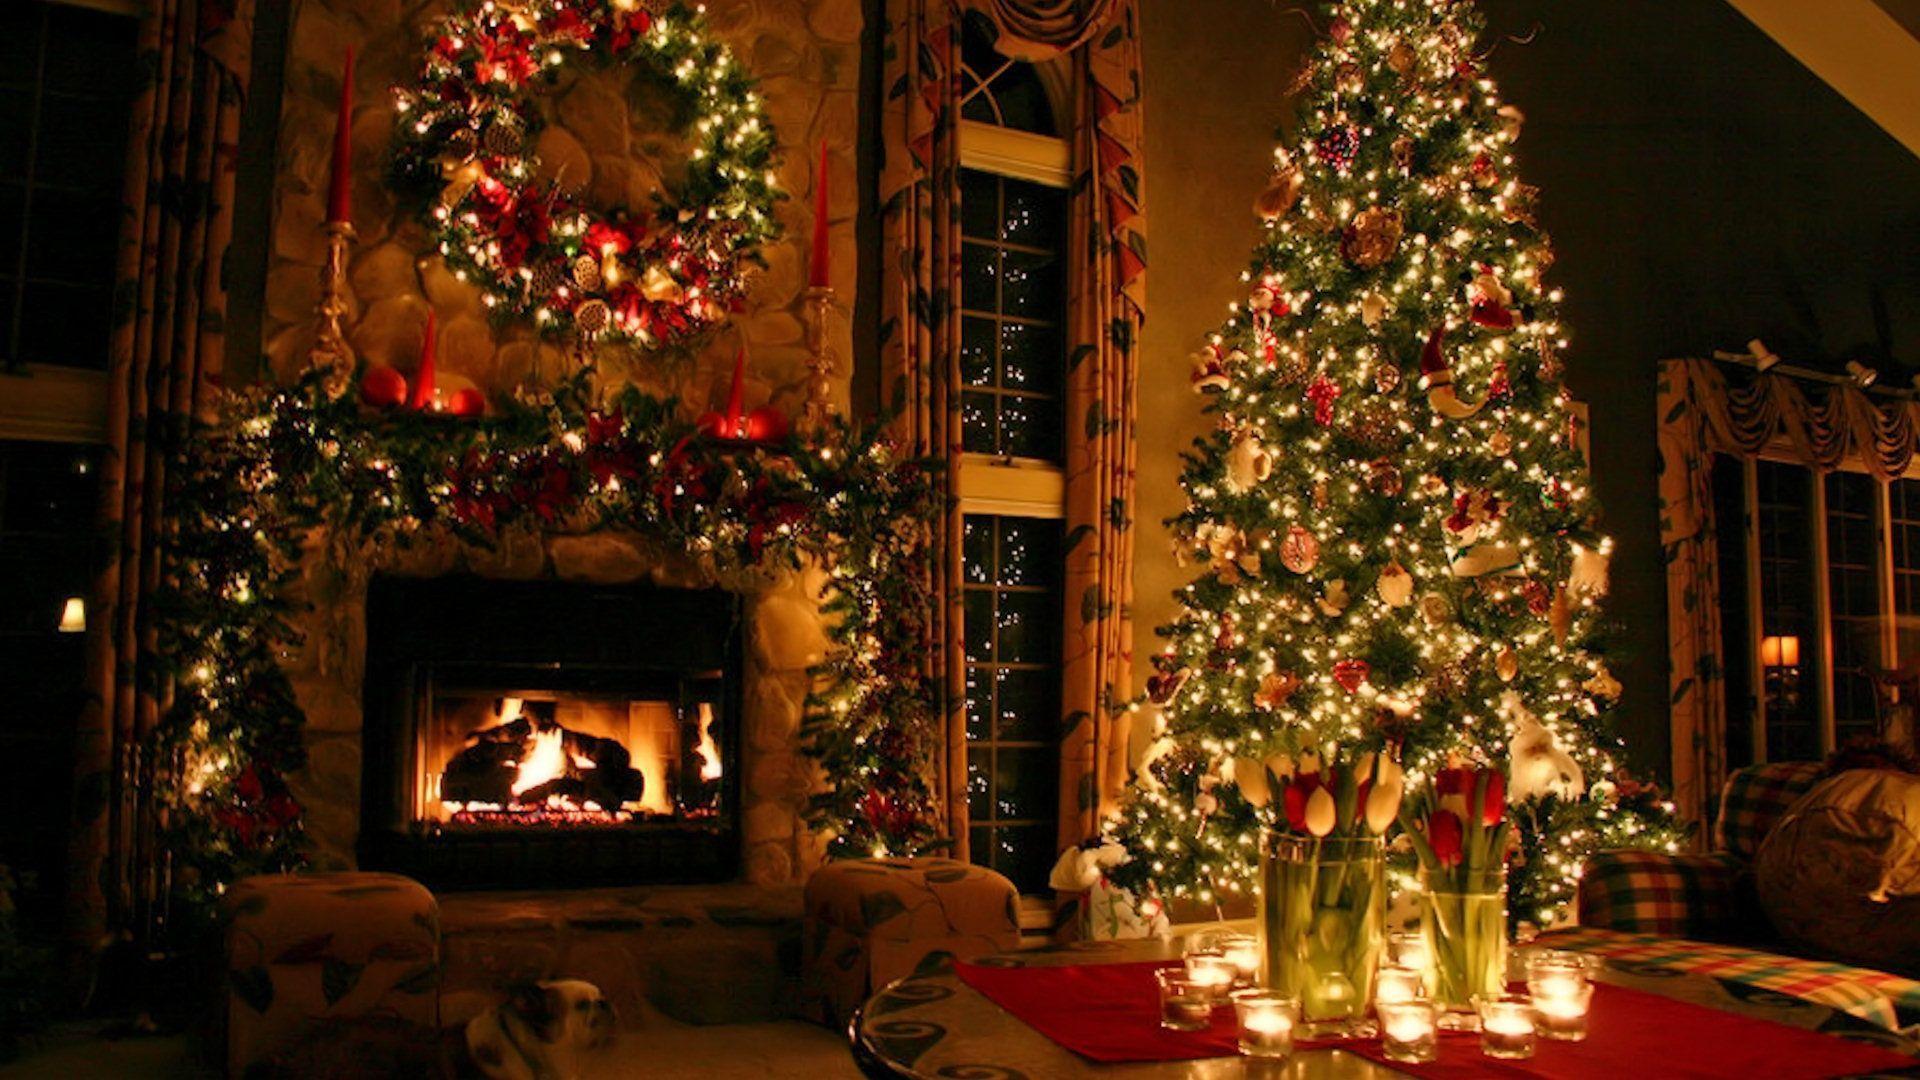 Christmas Wallpapers Hd 1080p: Christmas HD Wallpapers